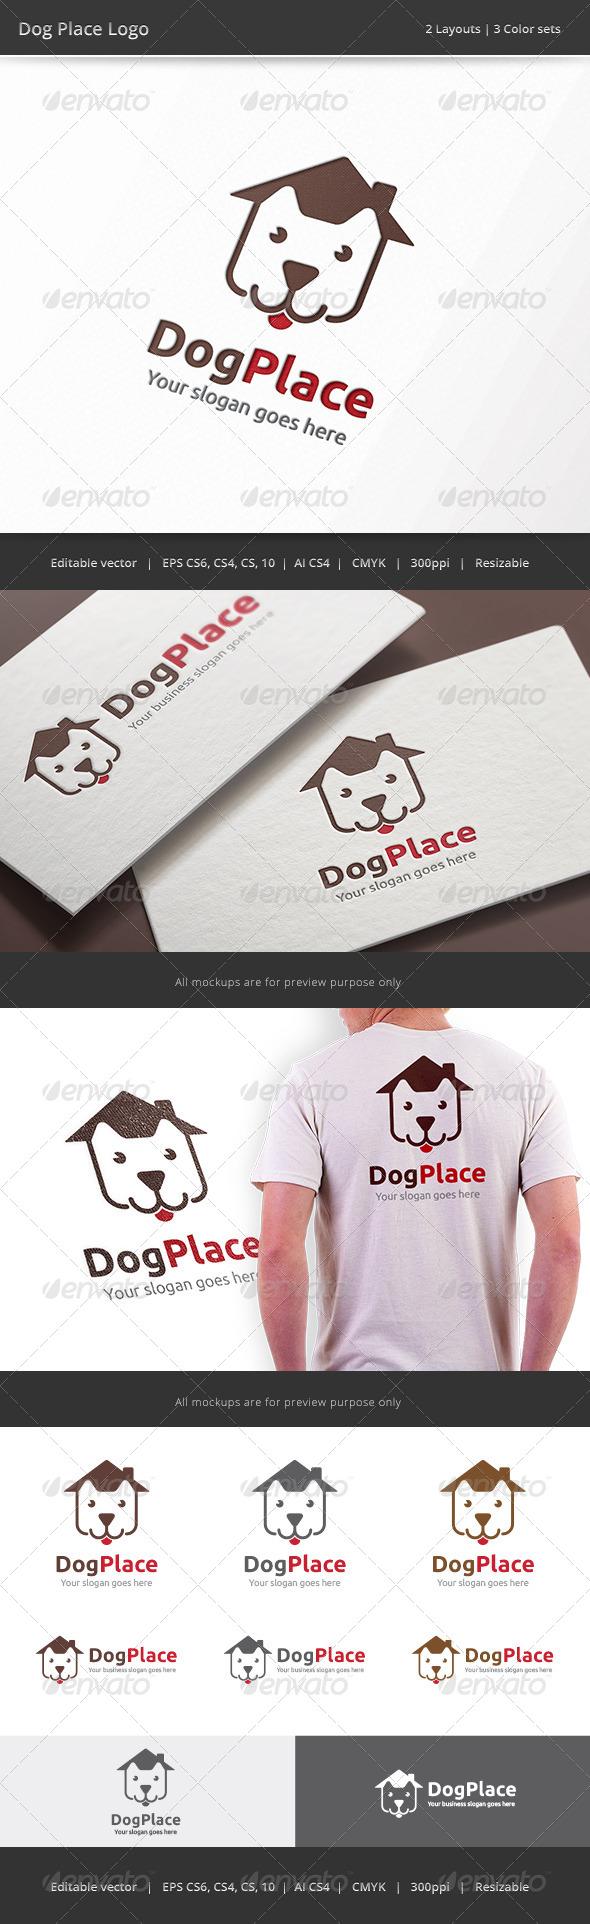 Dog Place Logo